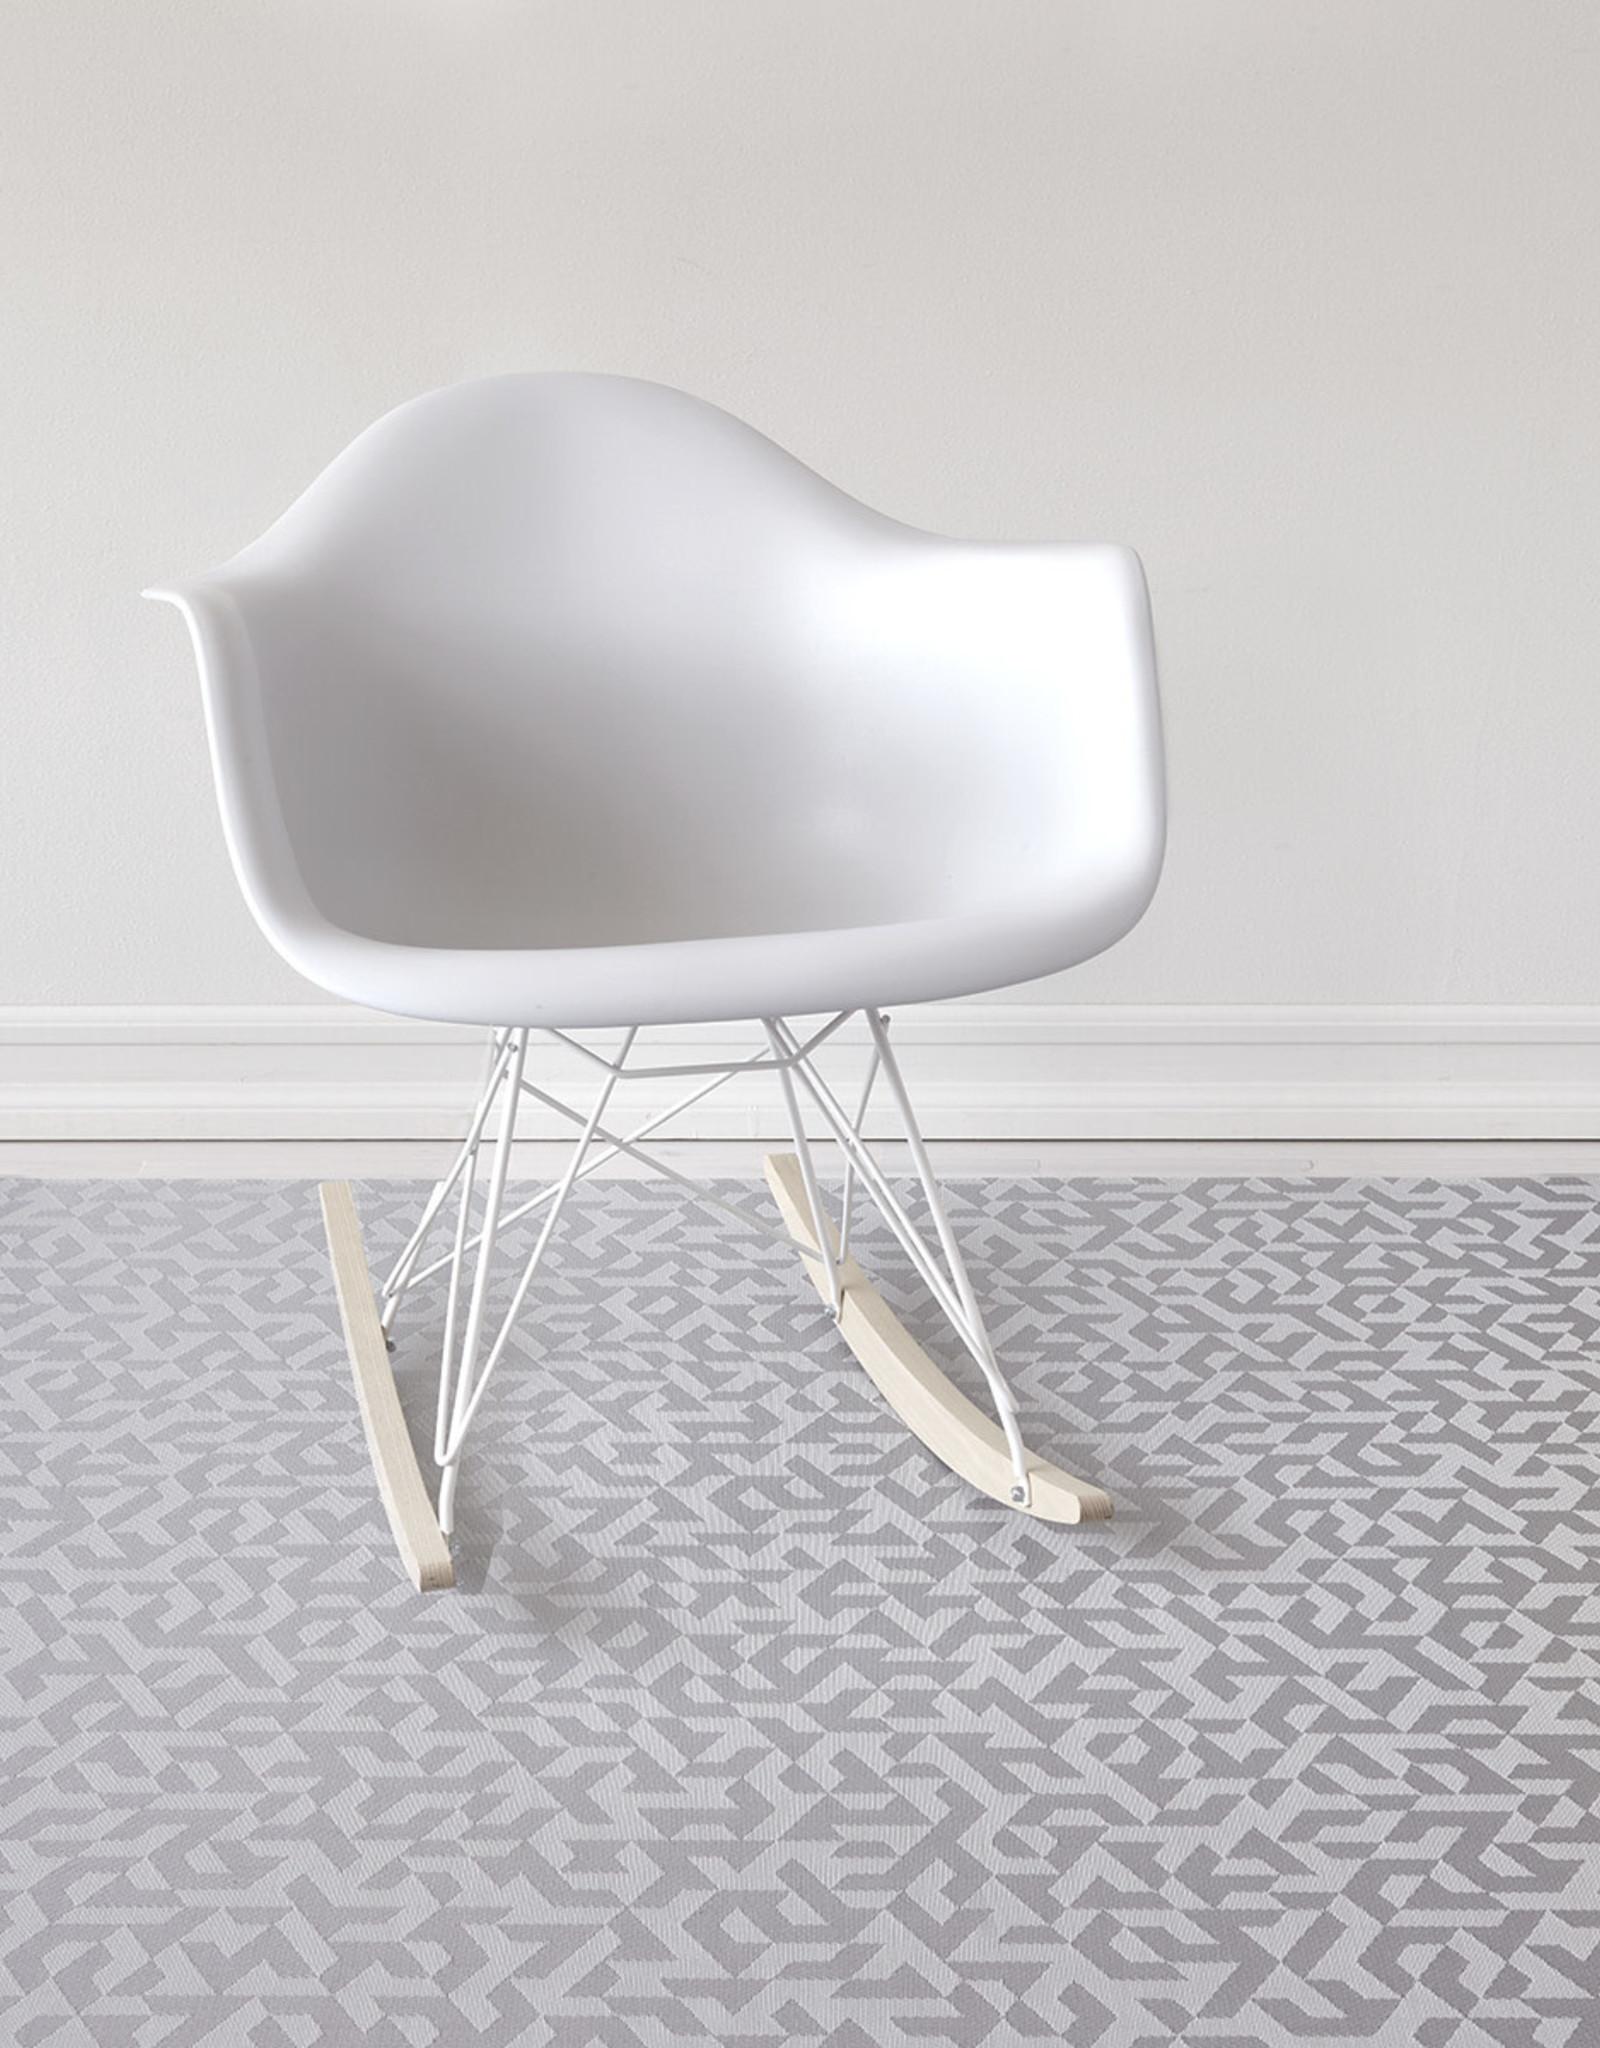 Chilewich Prism Floormat 30 x 106, SILVER